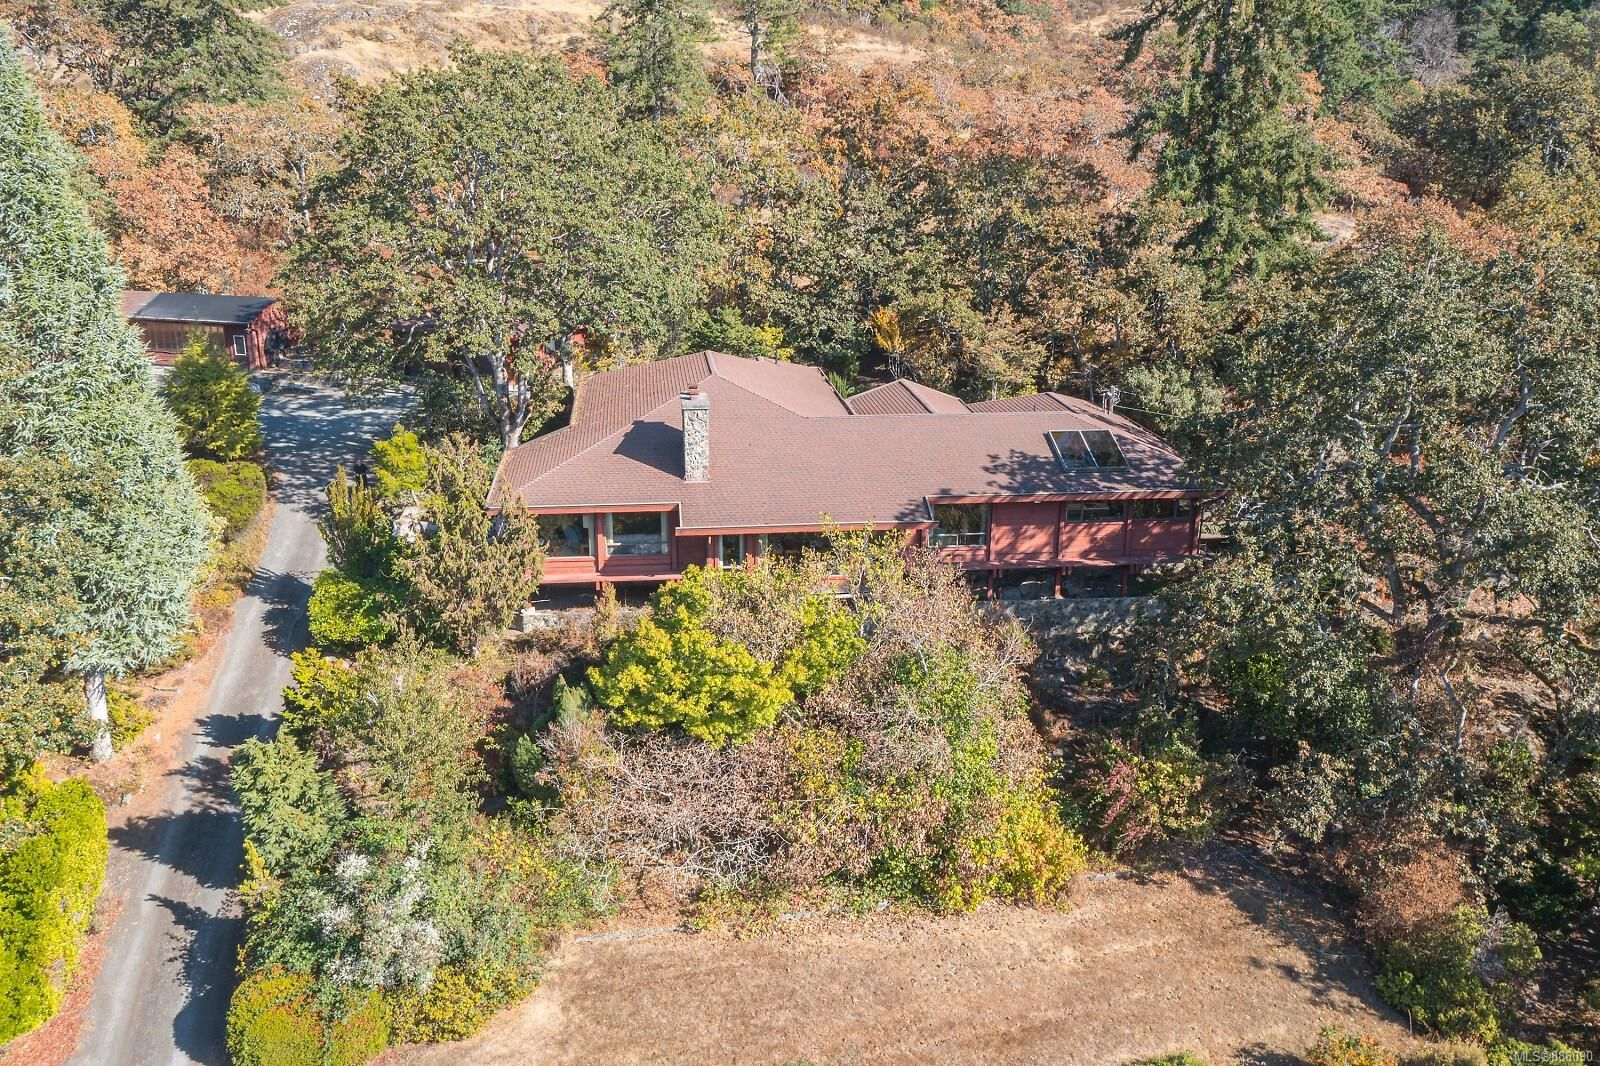 Main Photo: 4553 Blenkinsop Rd in : SE Blenkinsop House for sale (Saanich East)  : MLS®# 886090